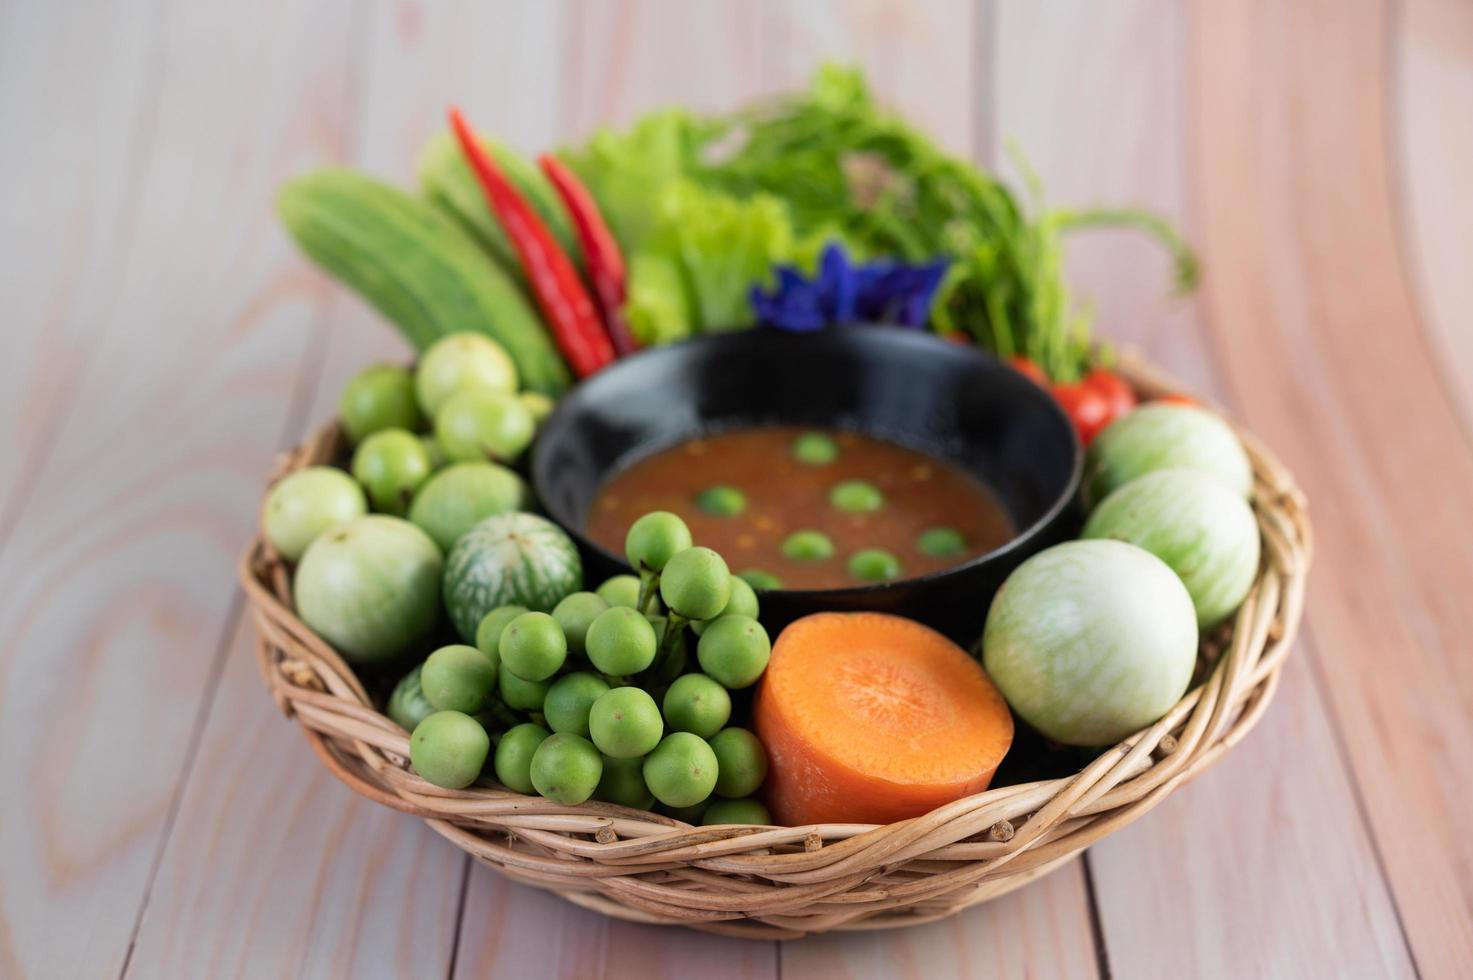 Chilipastenpaste in einer Schüssel mit Auberginen, Karotten, Chili und Gurken foto